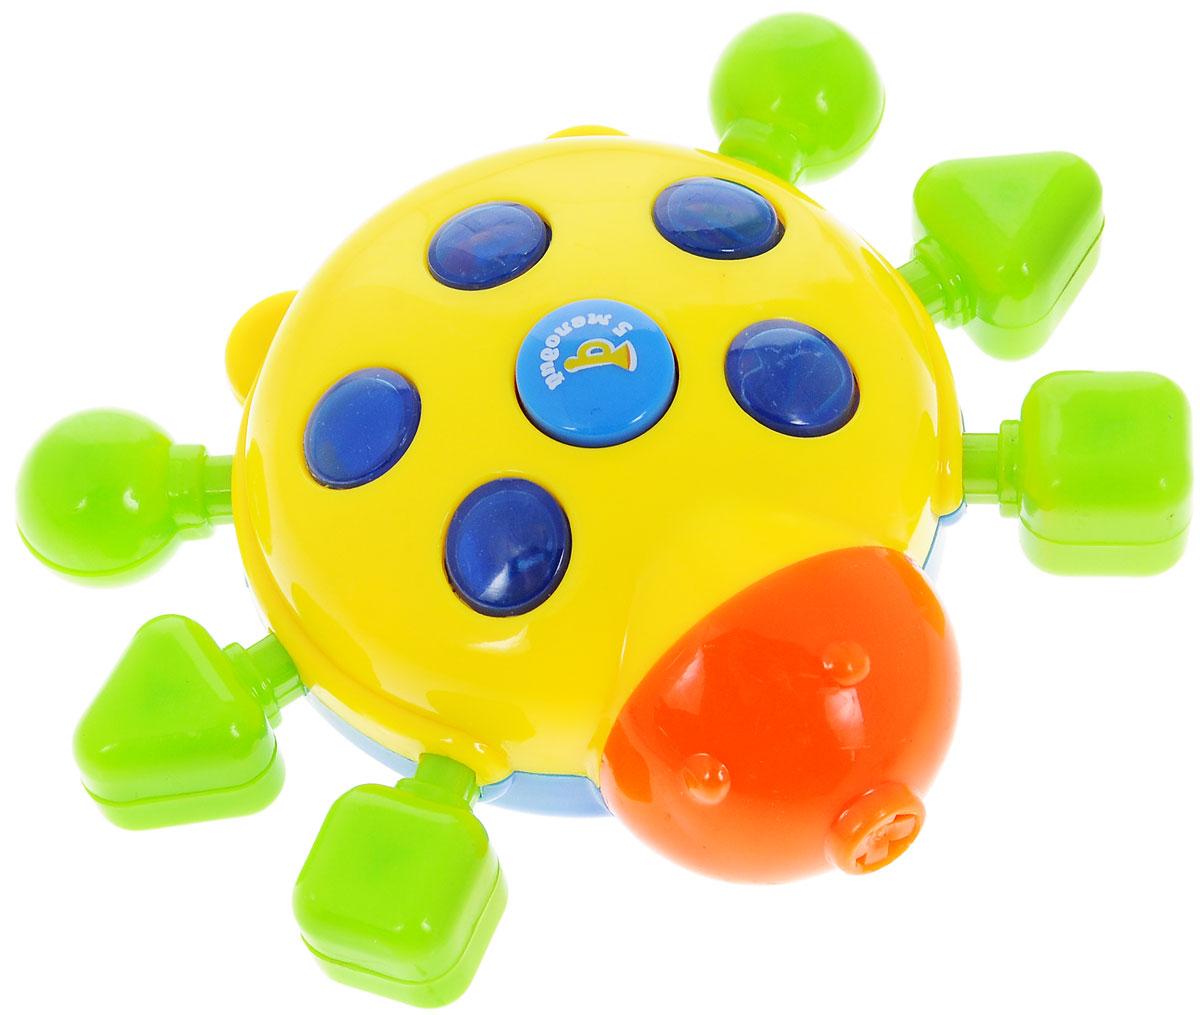 Малышарики Развивающая игрушка Божья коровка цвет желтыйMSH0303-004Развивающая игрушка Малышарики Божья коровка, выполненная из безопасных материалов, поможет малышу ближе познакомиться с миром звуков и цветов. Игрушка выполнена в виде божьей коровки с лапками различной формы. Игровая панель снабжена световыми и звуковыми эффектами. Игрушка Малышарики Божья коровка развивает мелкую моторику, слуховое восприятие, концентрацию внимания и логическое мышление. Рекомендуемый возраст от 1 до 3 лет. Рекомендуется докупить 3 батарейки типа AG13 (товар комплектуется демонстрационными).